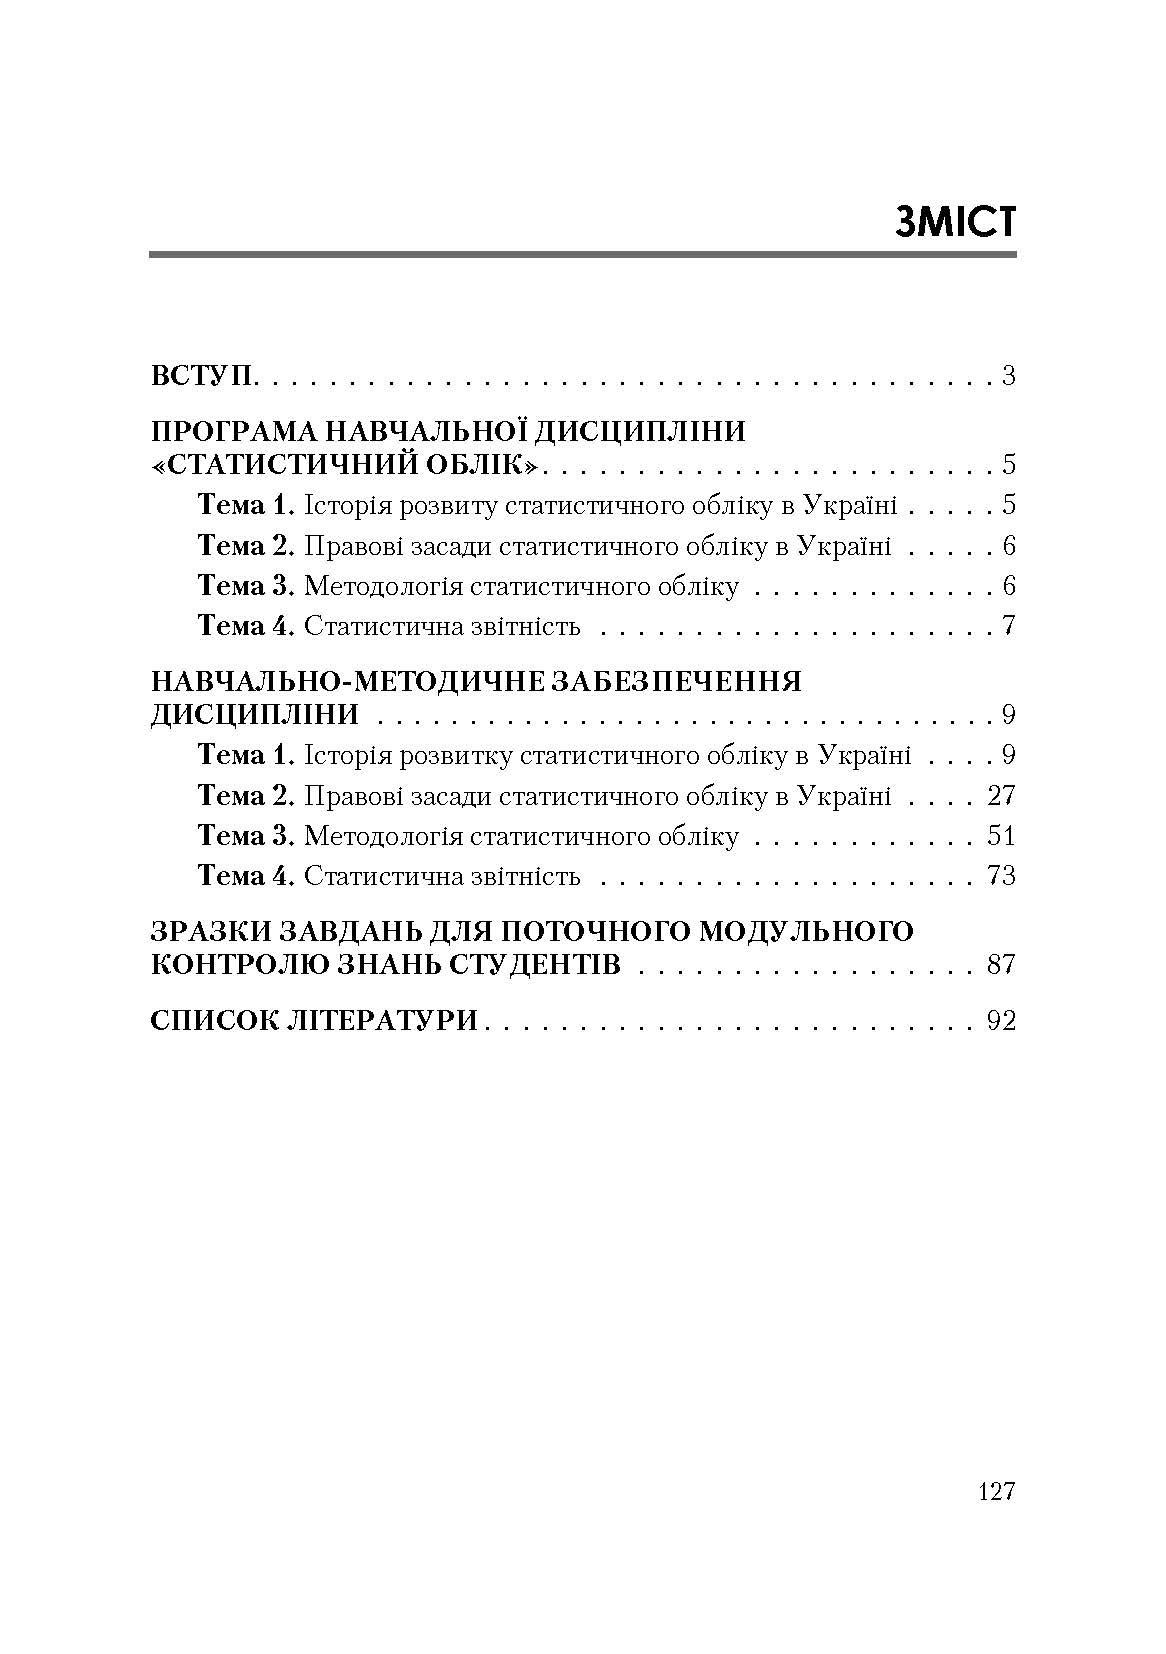 Статистичний облік. Навчальний посібник рекомендовано МОН України. Автор — Слободиняк Ю.Б..